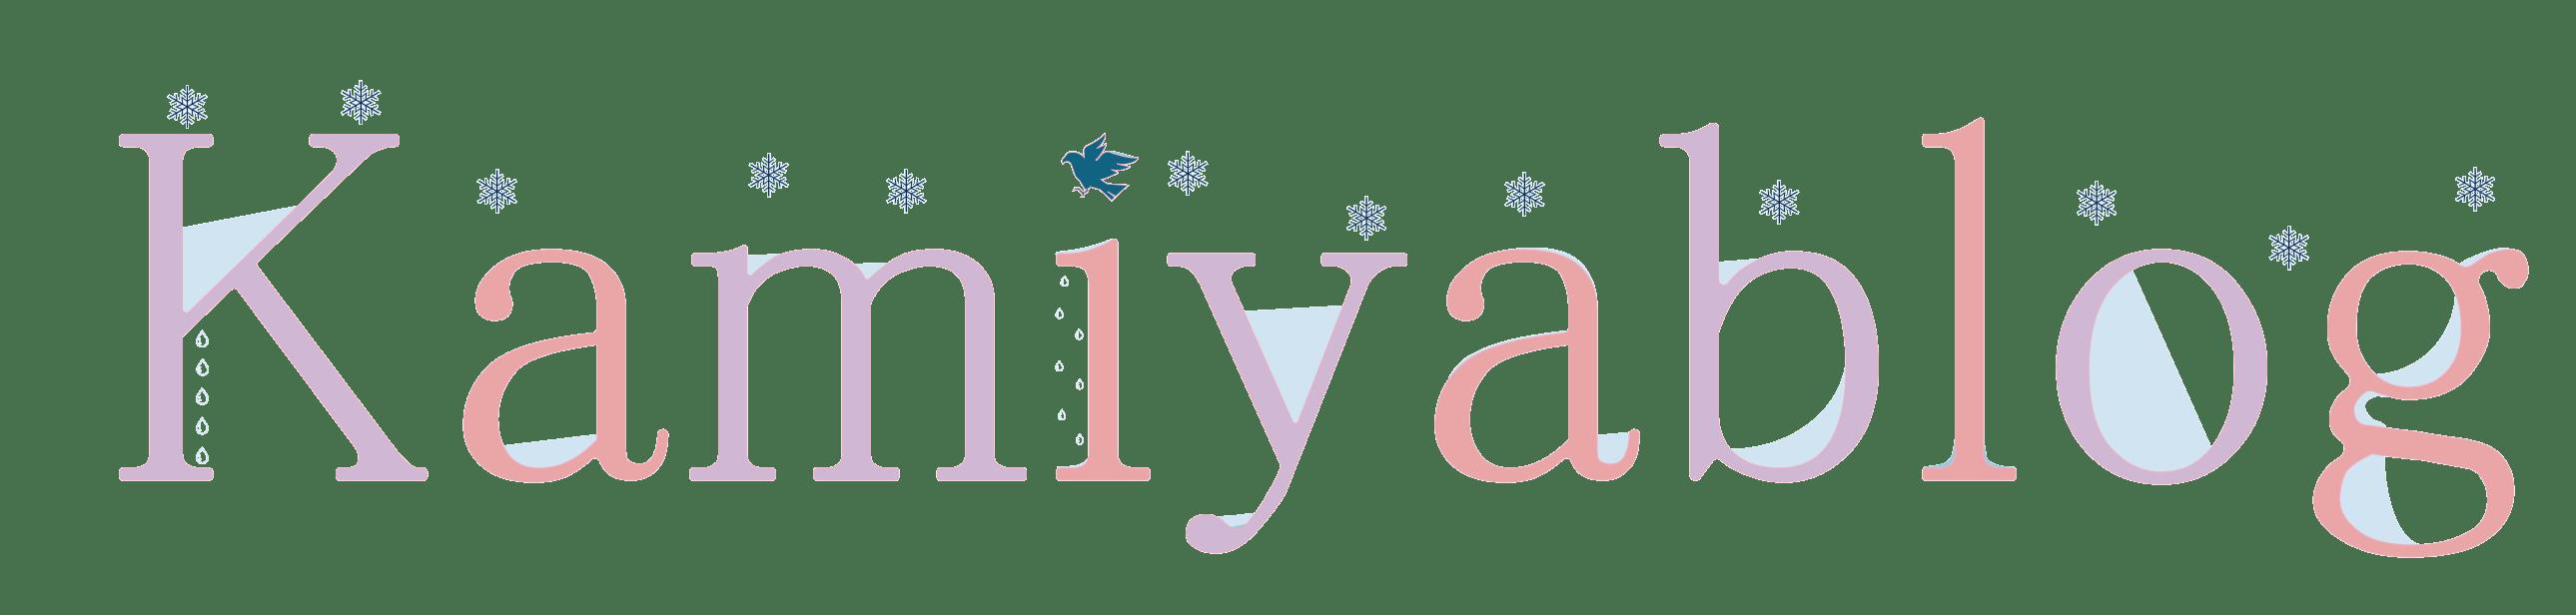 kamiyablog